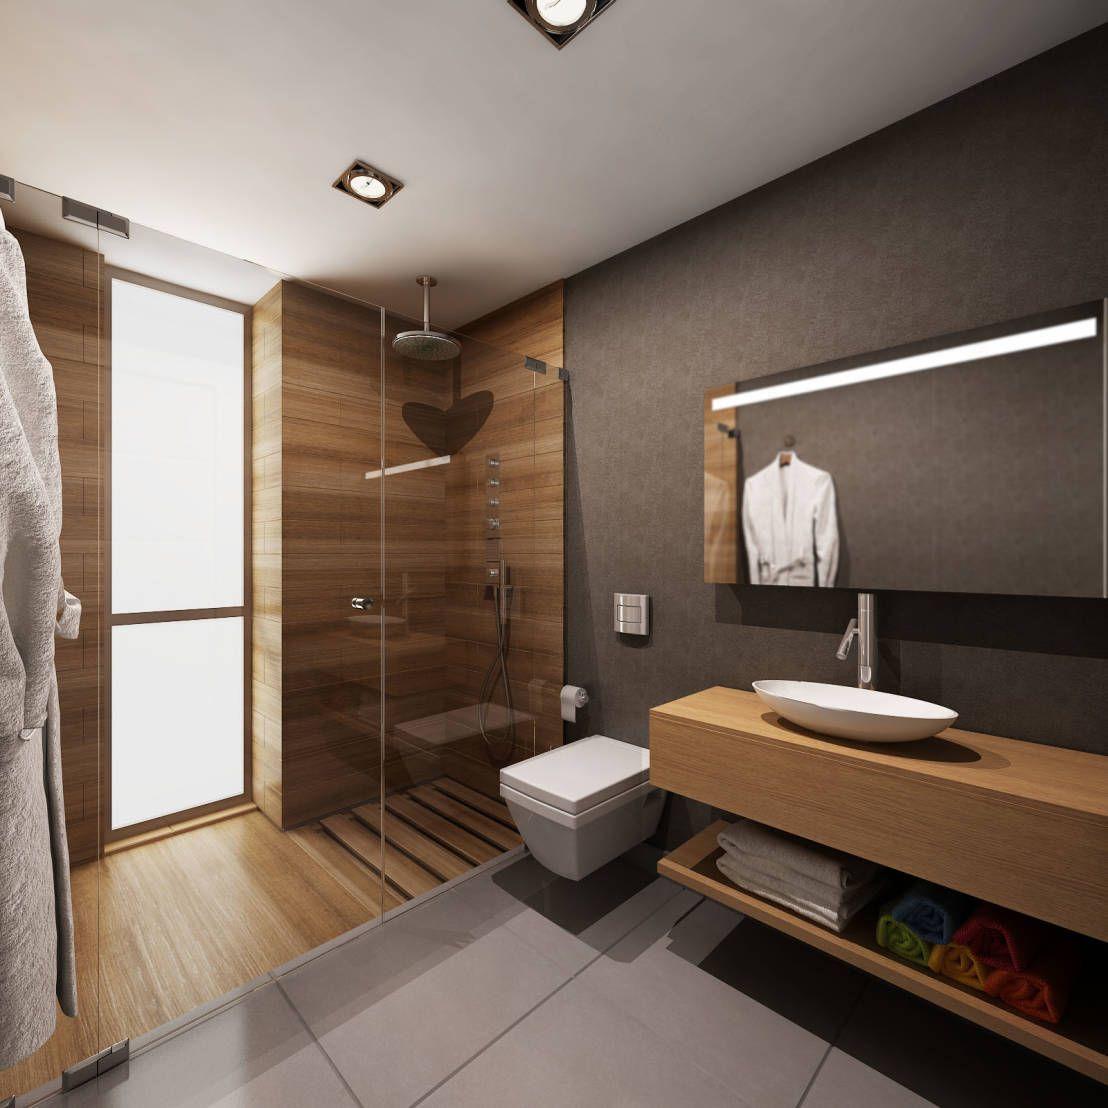 7 Clever Tips For Small And Modern Bathrooms: Türkiye'den 7 şaşırtıcı Banyo Dekorasyonu